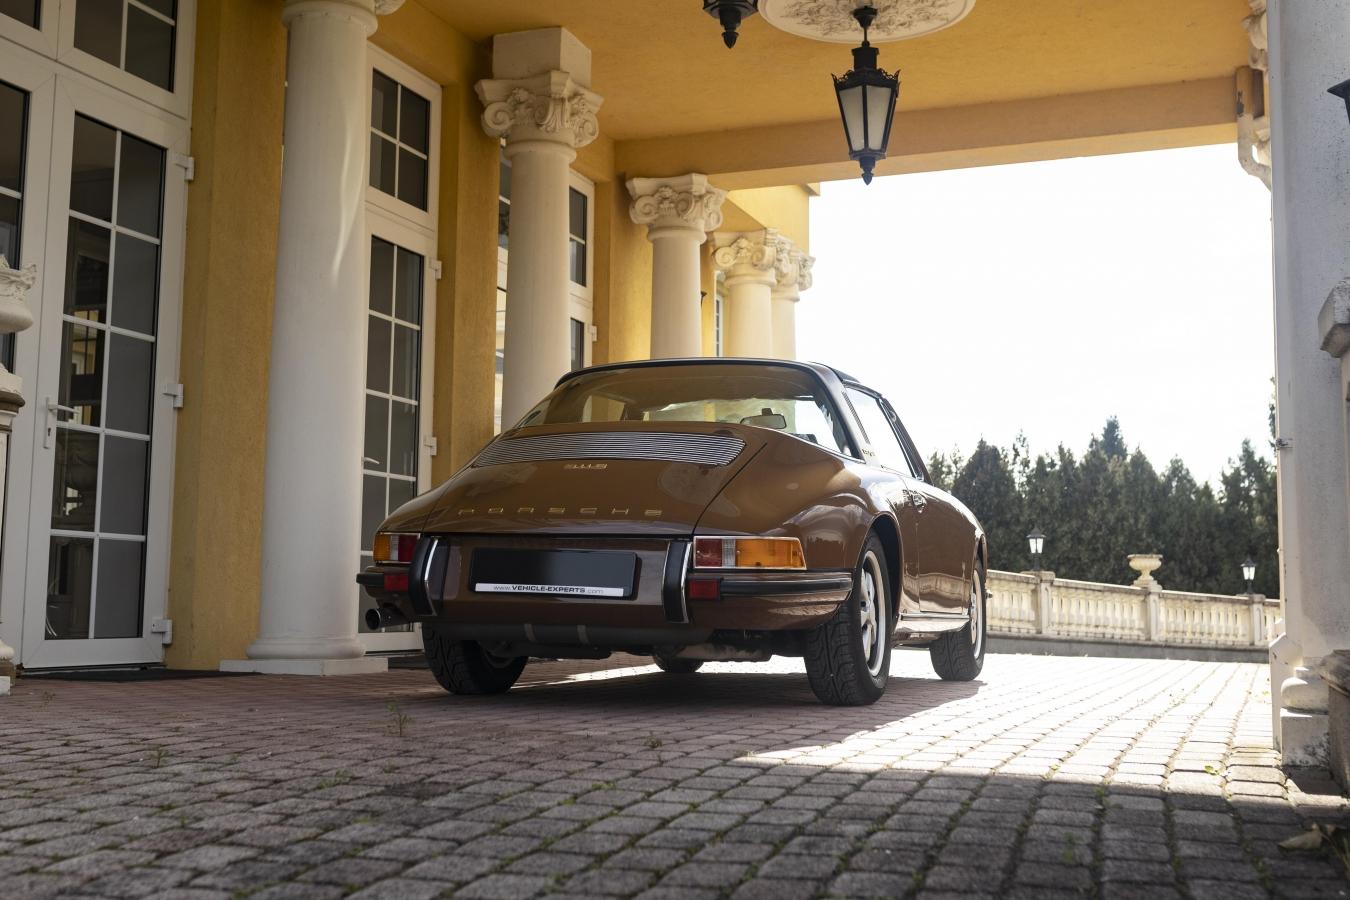 Sepiabraun Porsche 911 aus 7